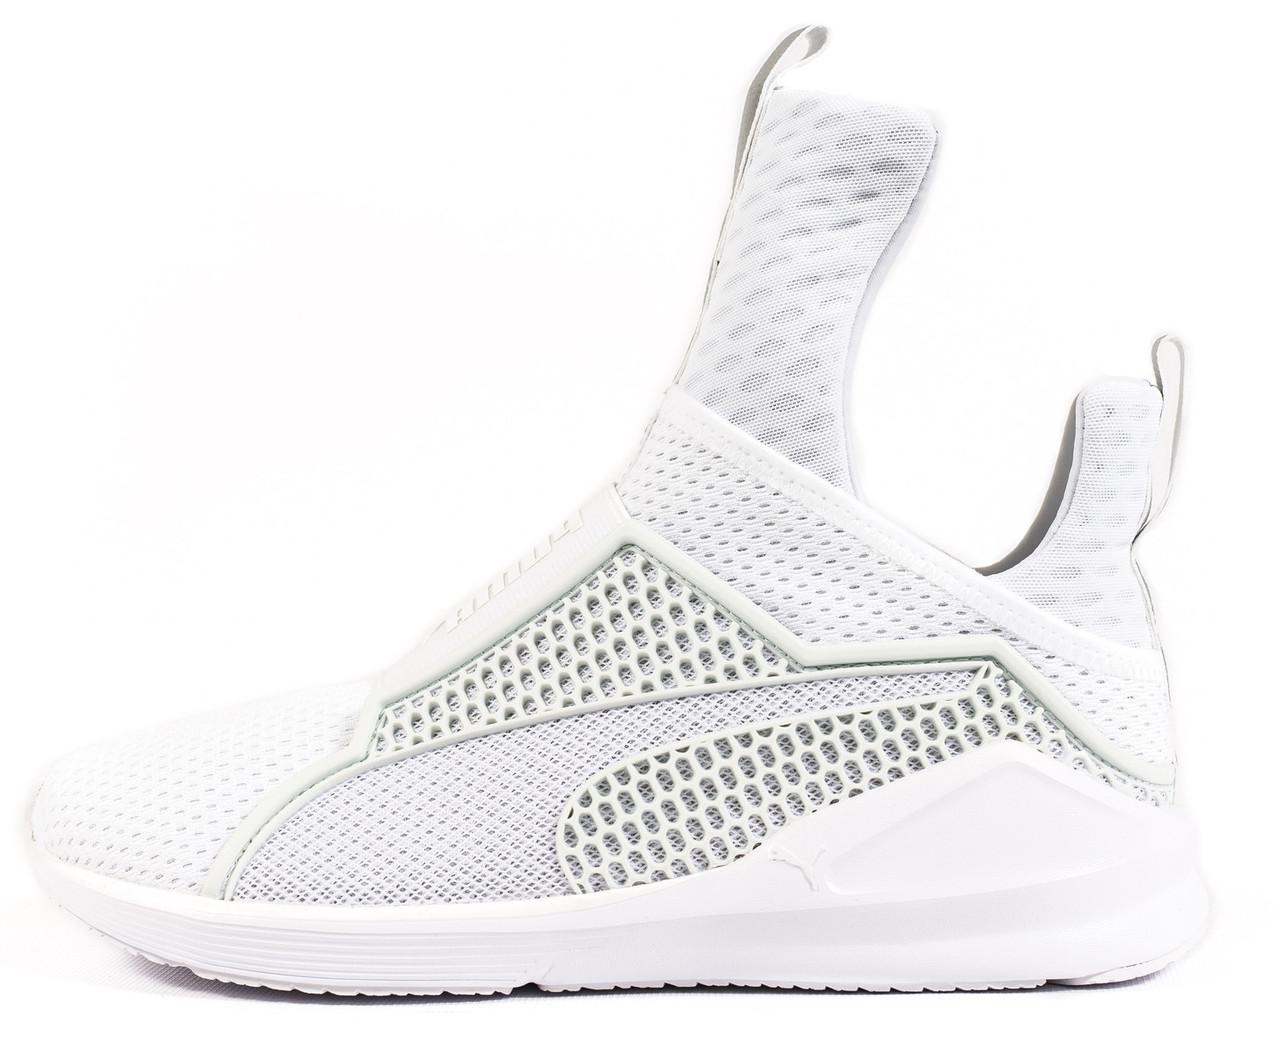 9158e684a91c Мужские кроссовки Rihanna x Puma Fenty Trainer White купить в  интернет-магазине обуви Shoes Market - ...